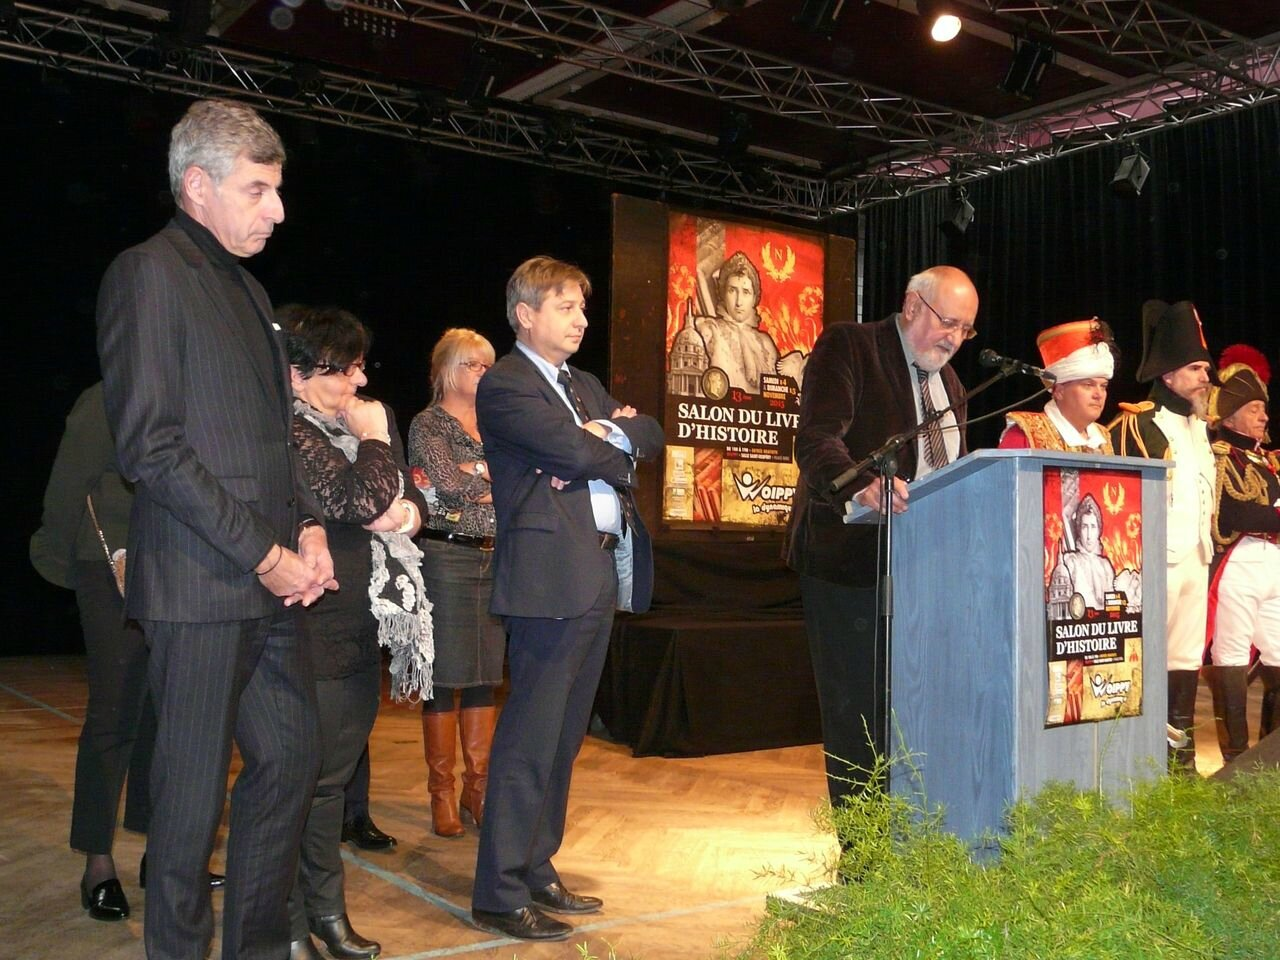 Jean-Luc BOHL, François GROSDIDIER, Marc BOJIC à la tribune